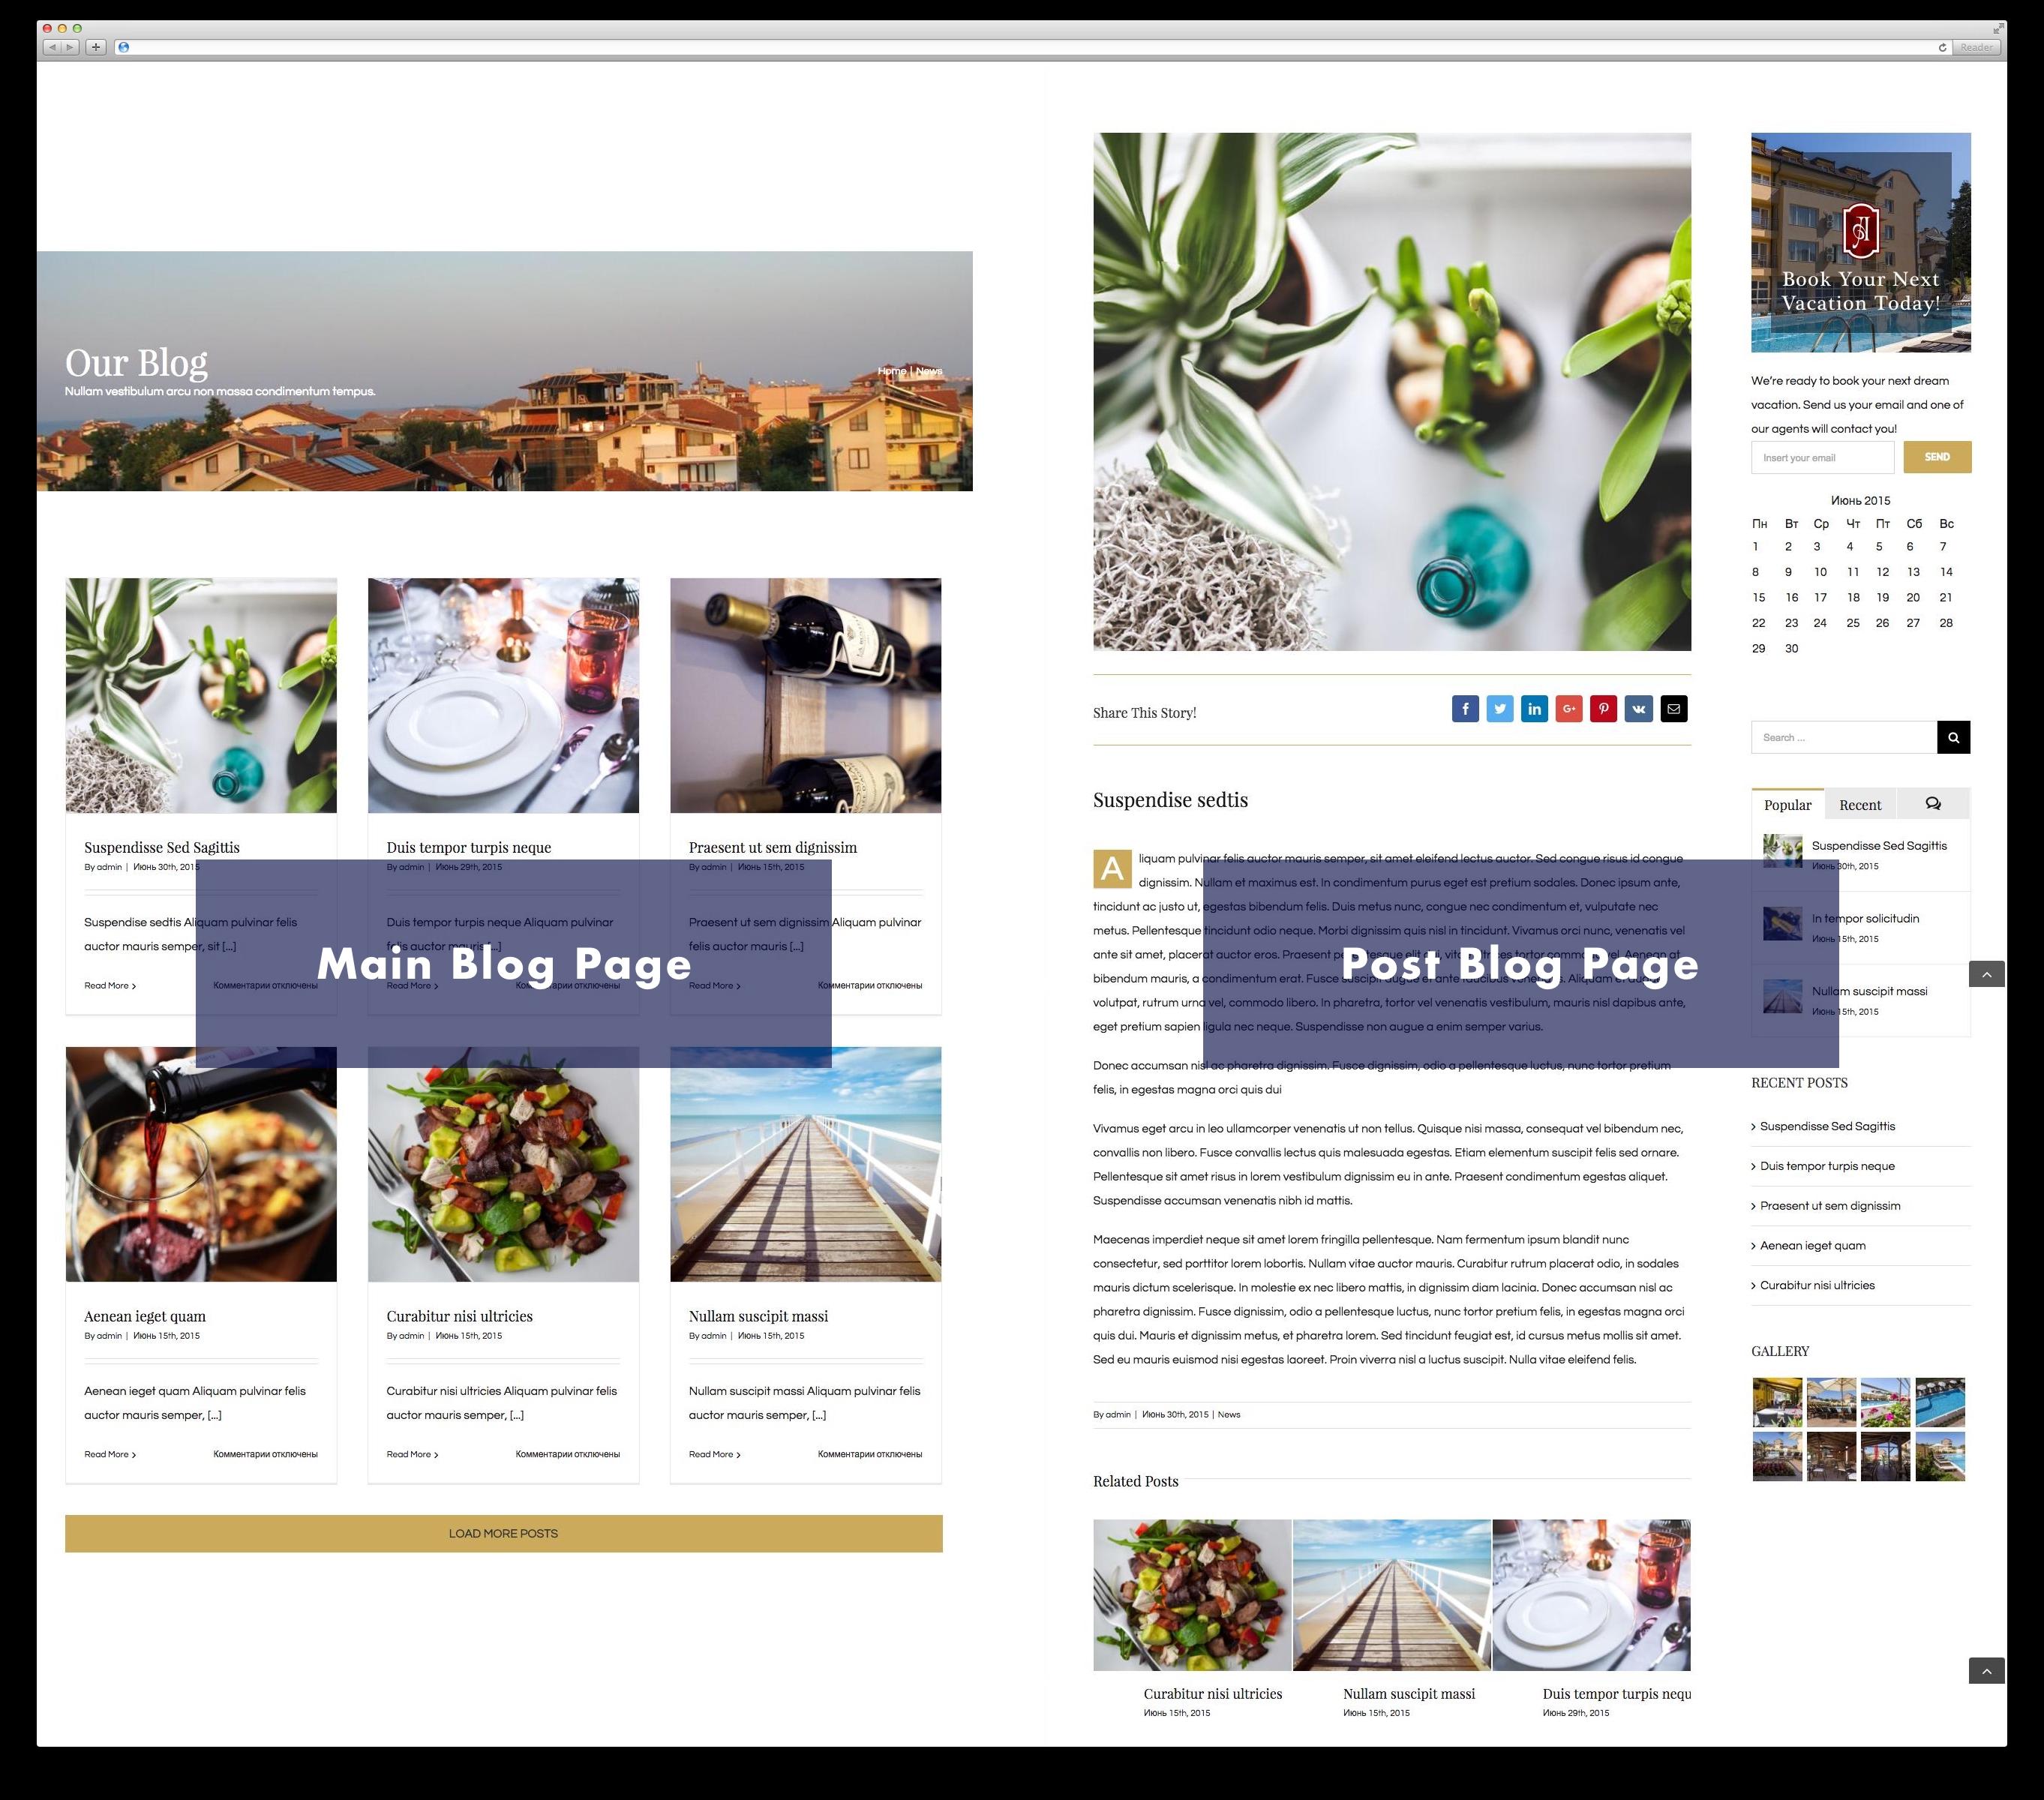 Блог / Основная страница и пример записи в блоге